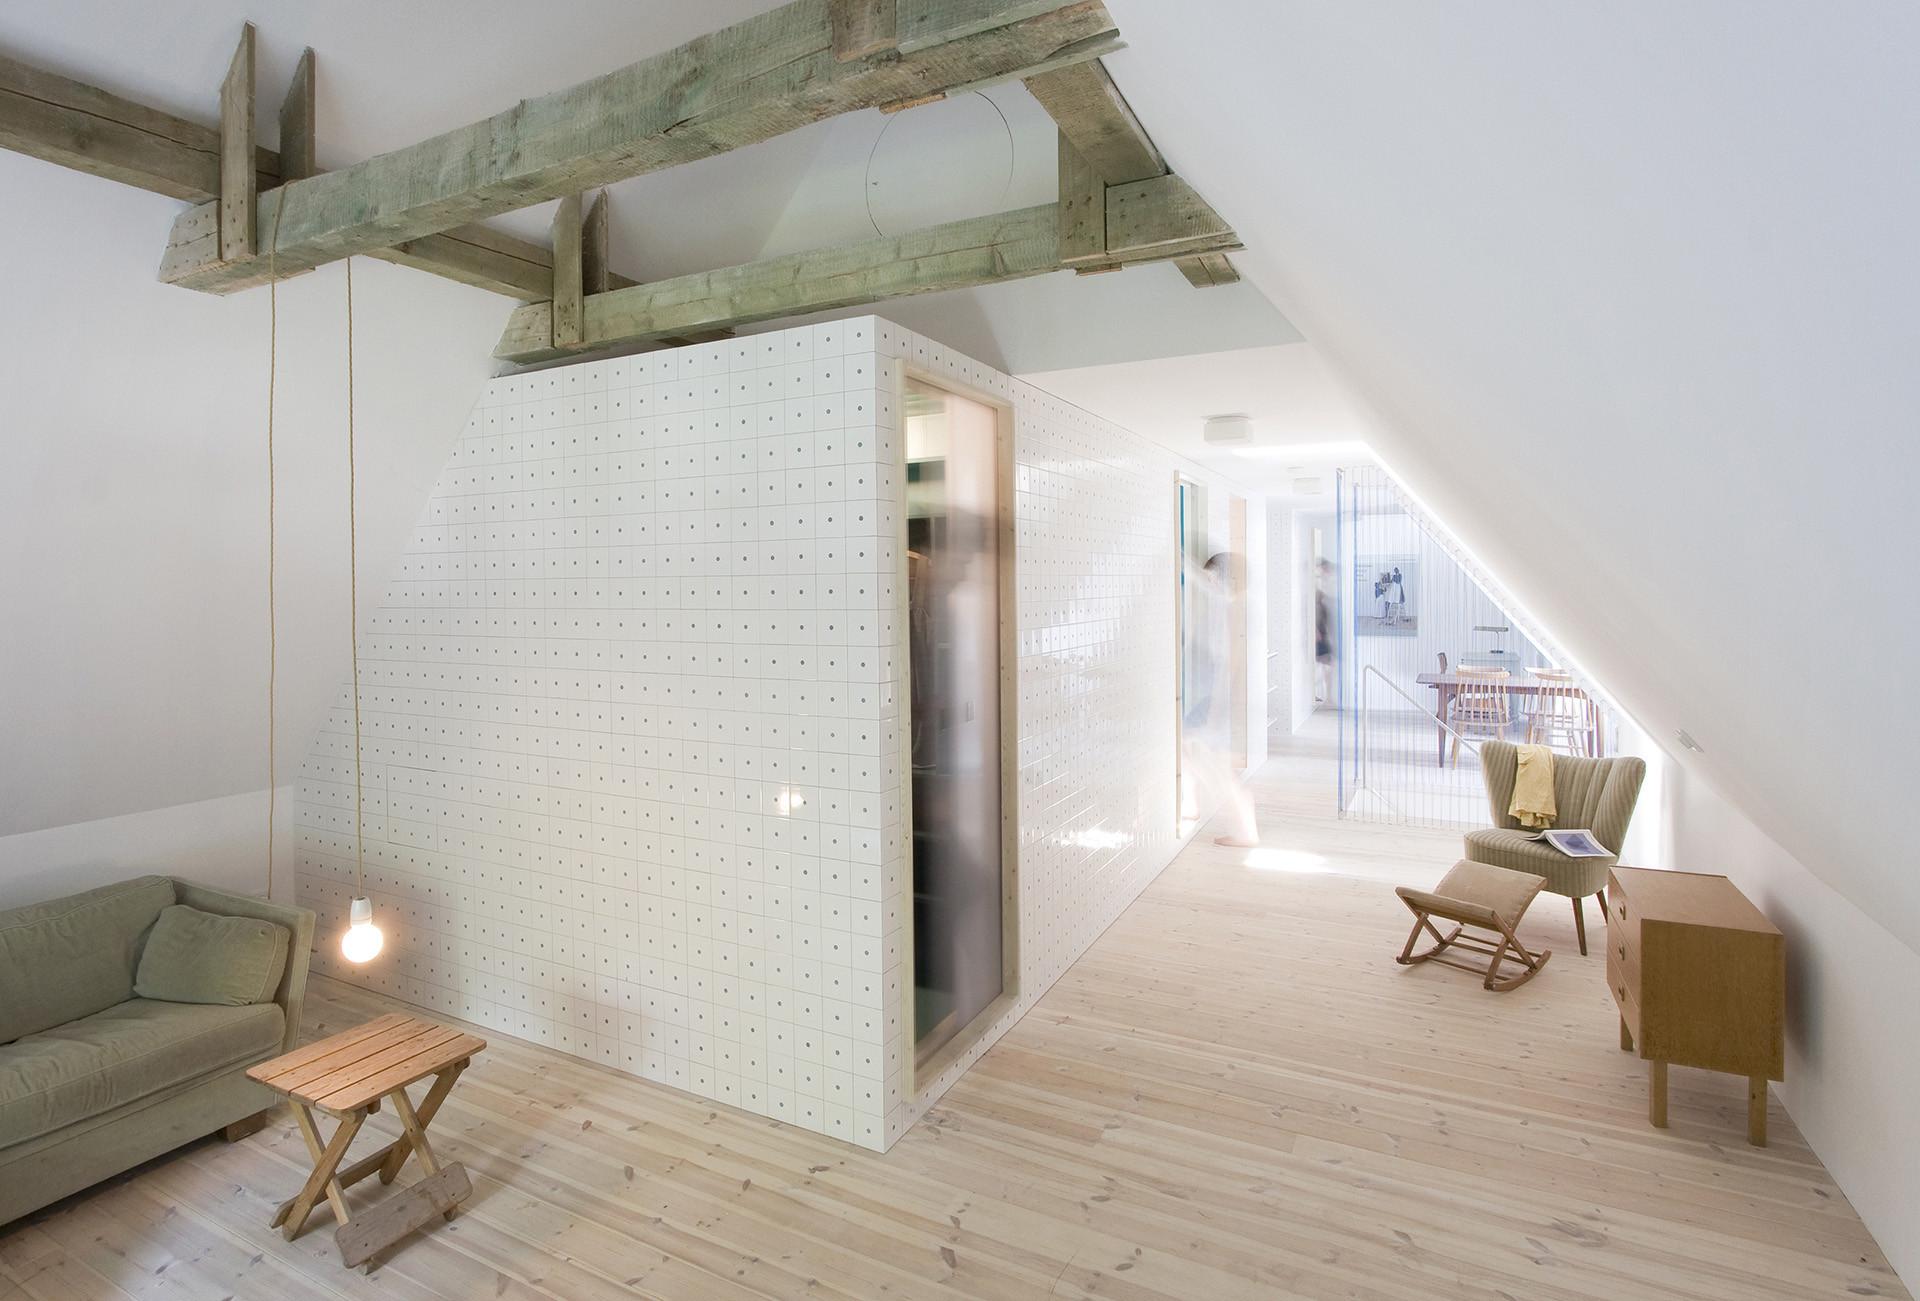 Casa Föhr / Francesco Di Gregorio & Karin Matz